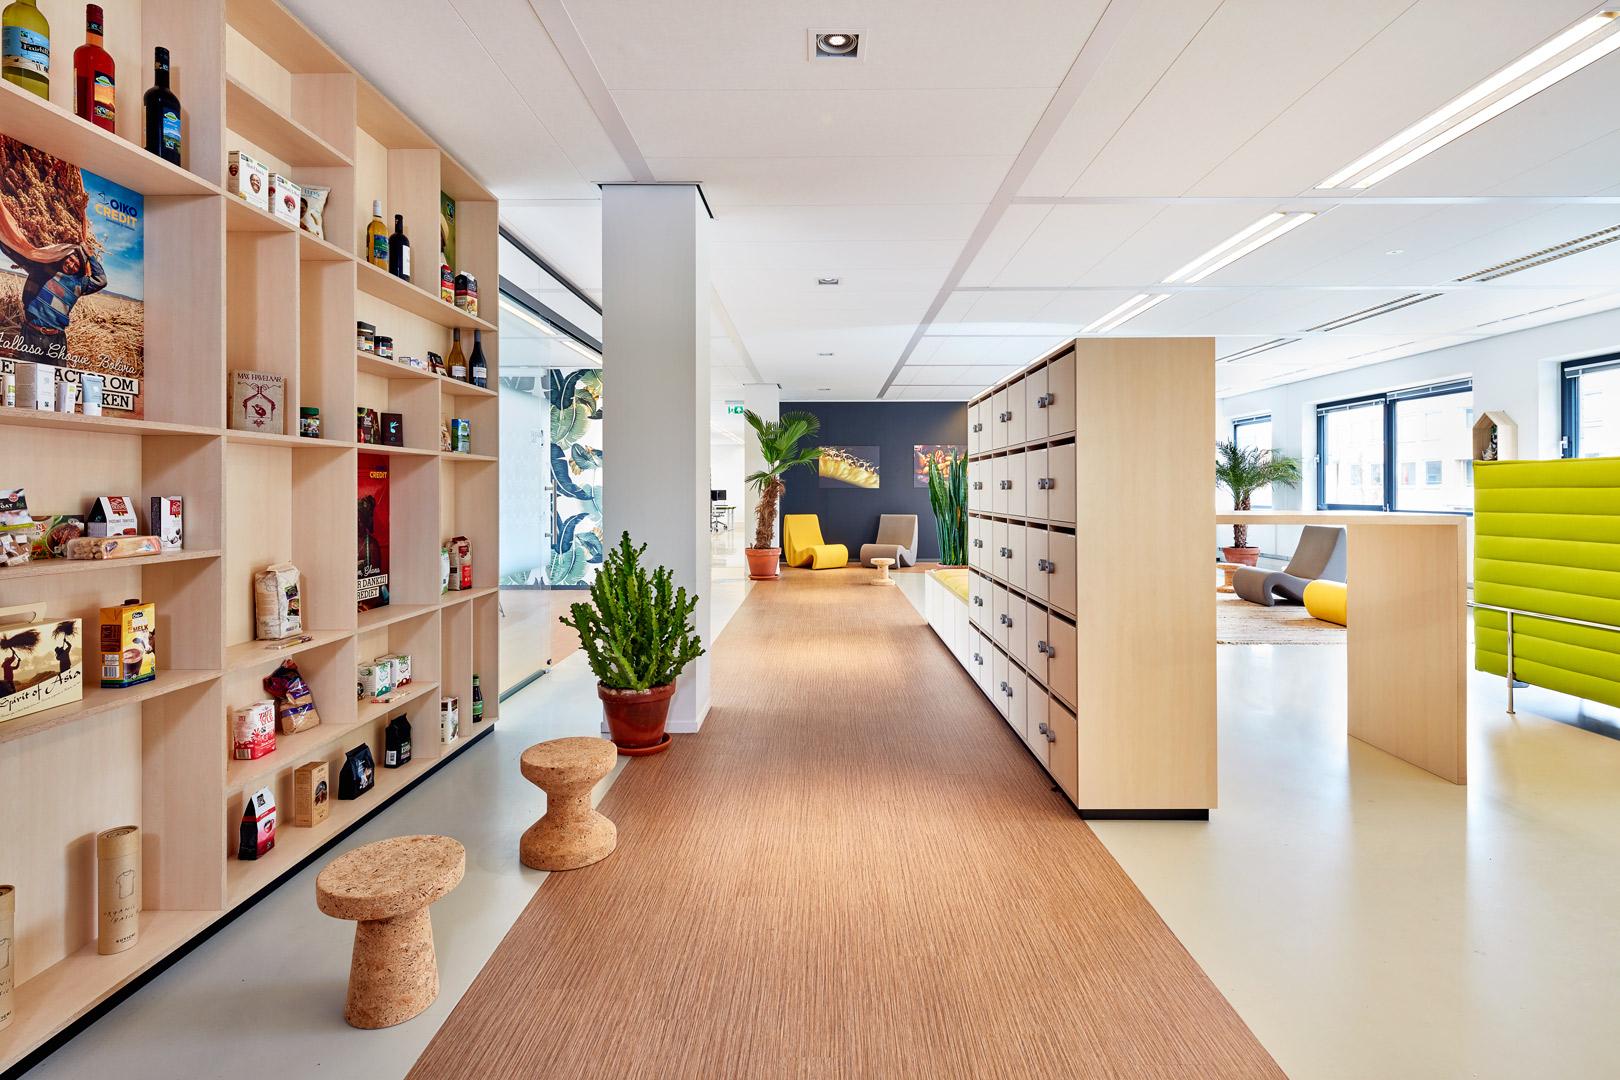 Fairtrade Max Havelaar & Oikocredit Utrecht, Netherlands